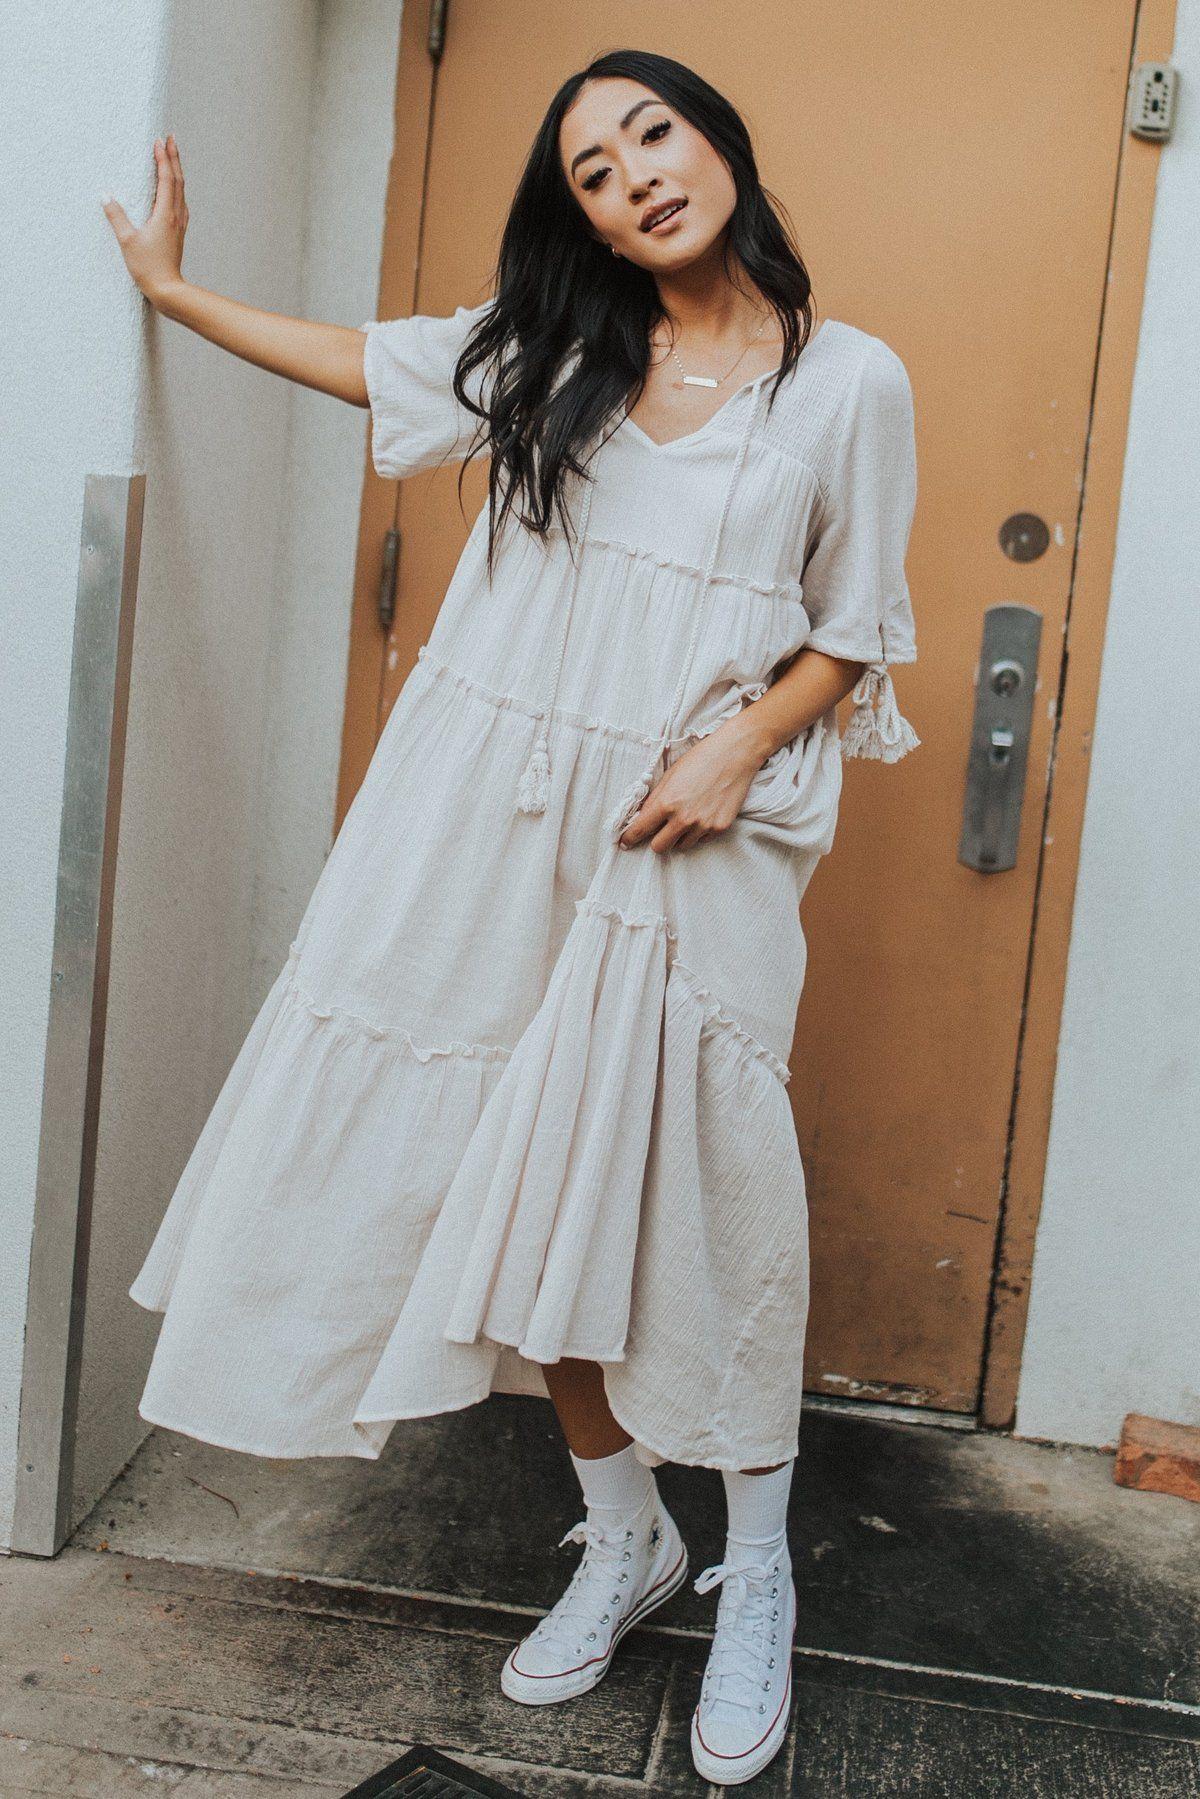 Chloe Dress In Natural In 2021 Chloe Dress White Flowy Dress Dresses [ 1799 x 1200 Pixel ]